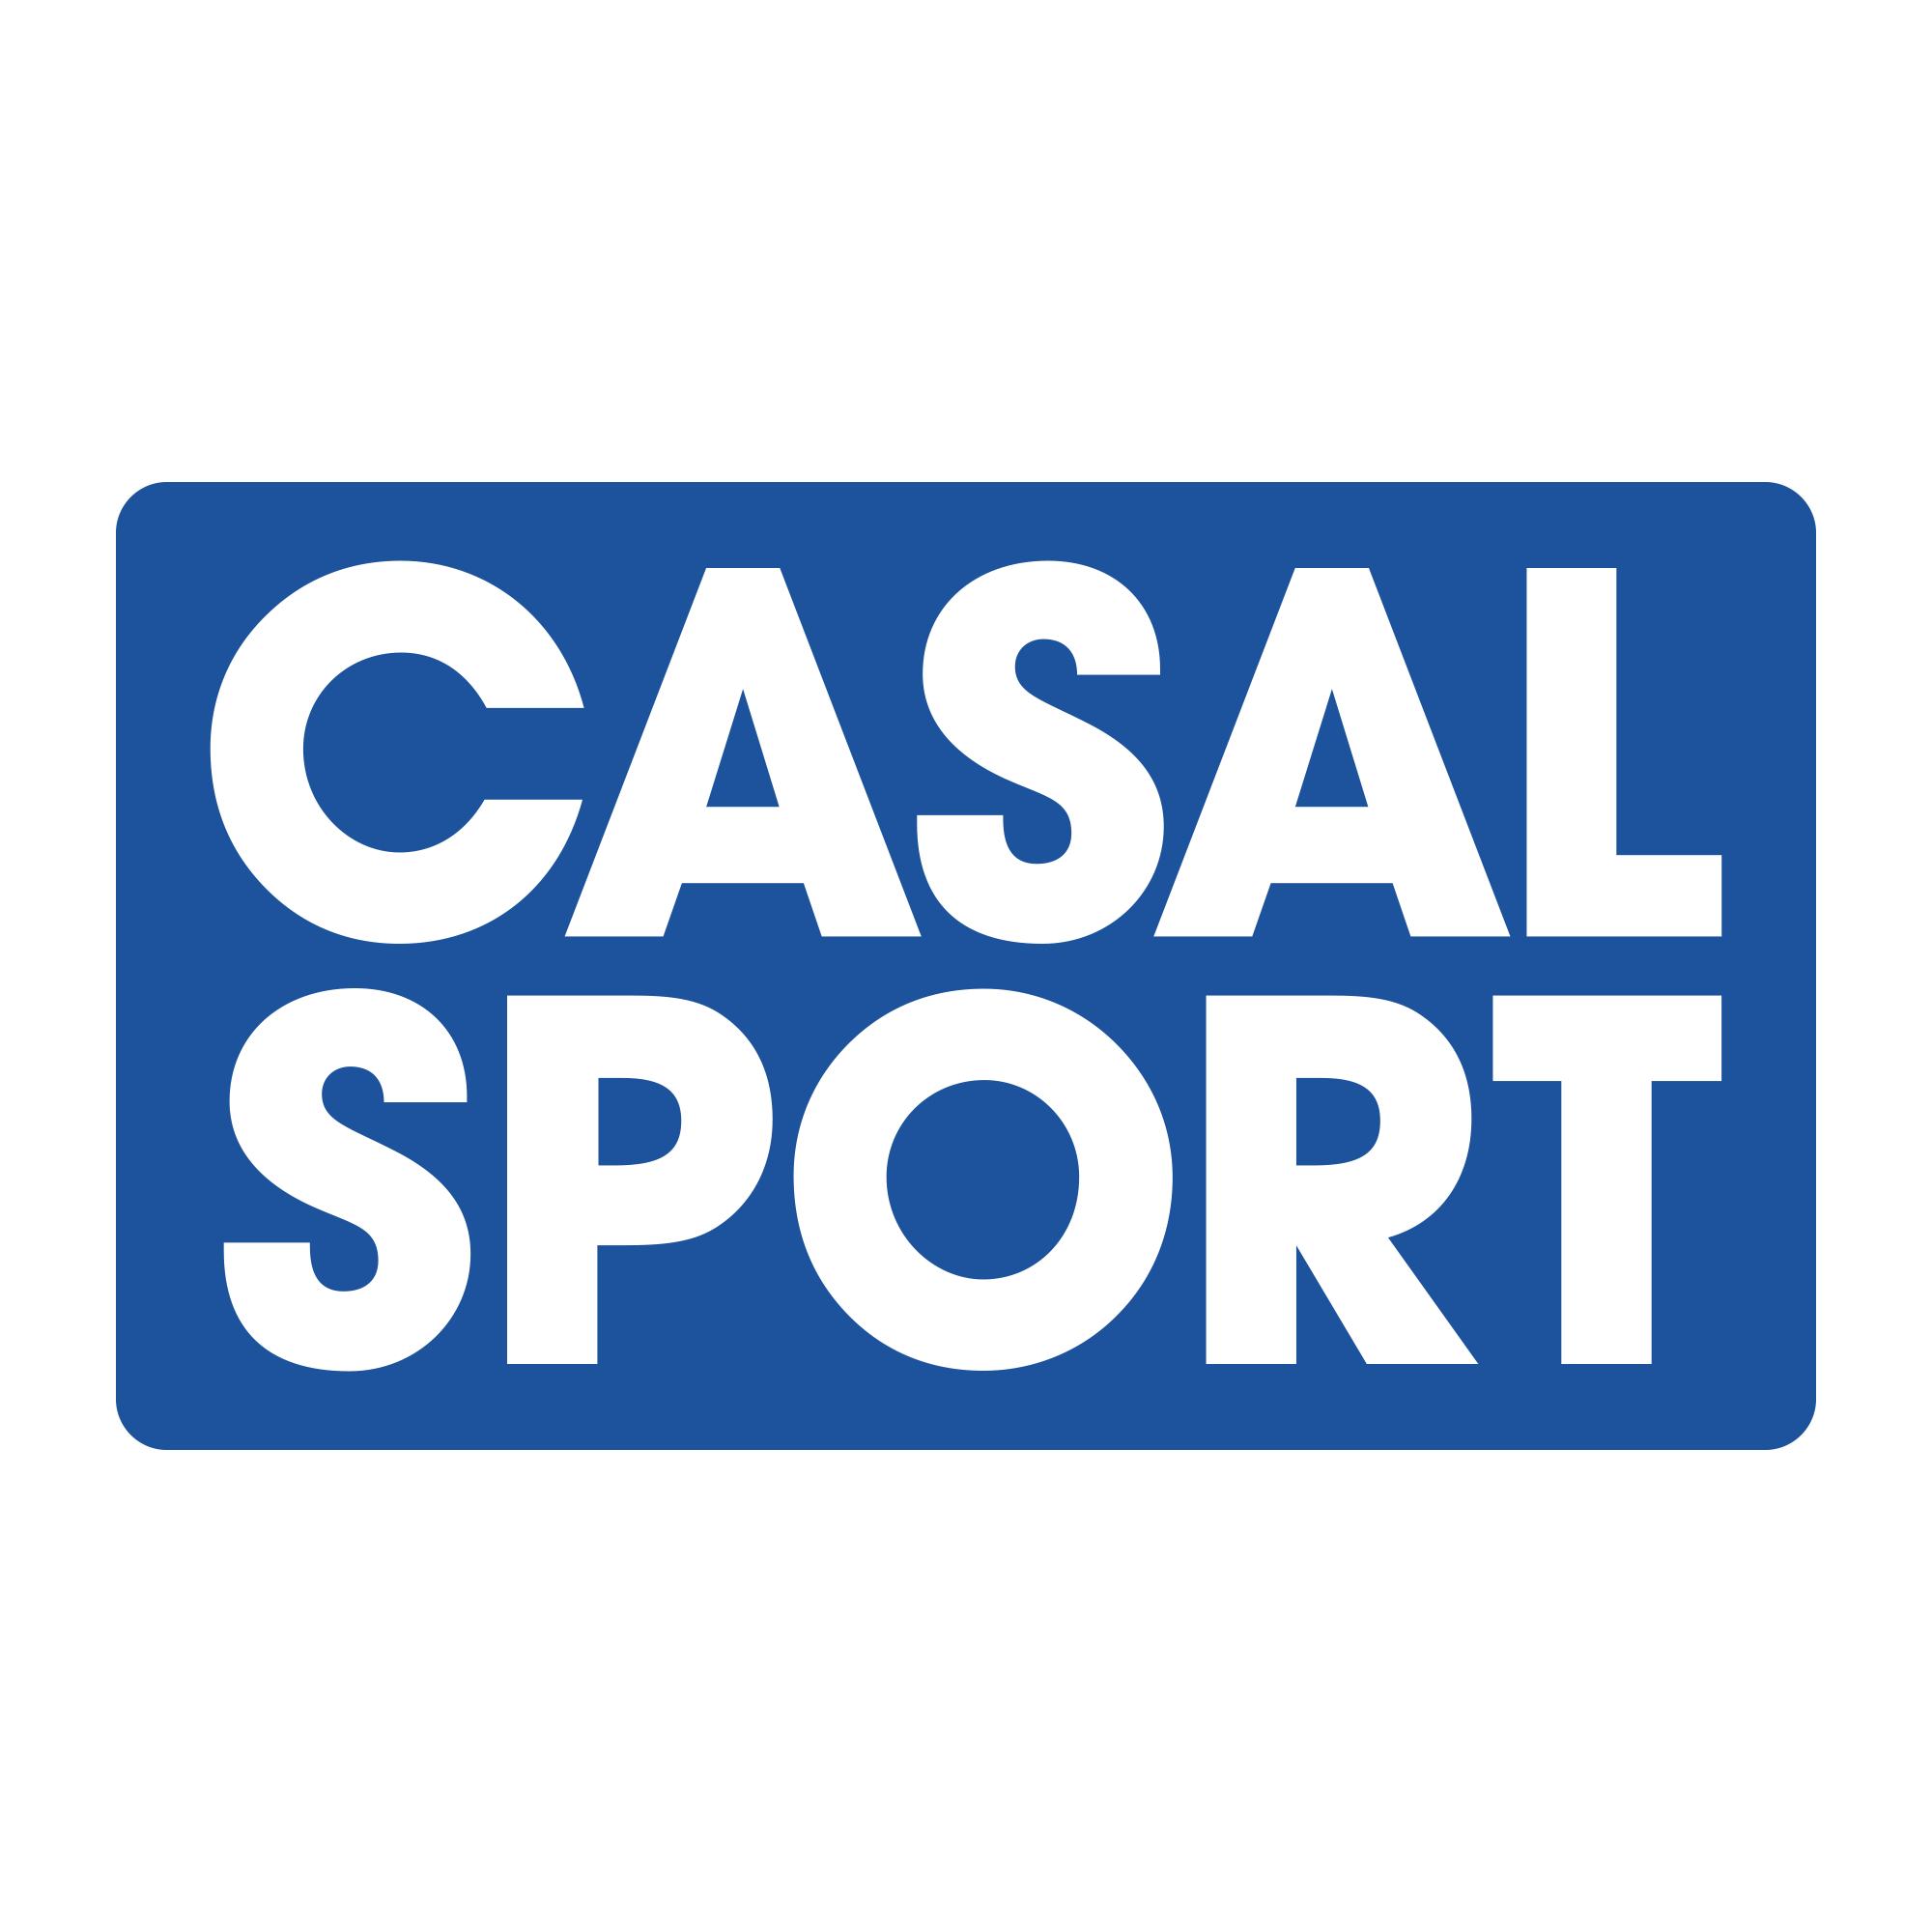 Code promo Casal Sport ⇒ 20€ de réduction en février 2020